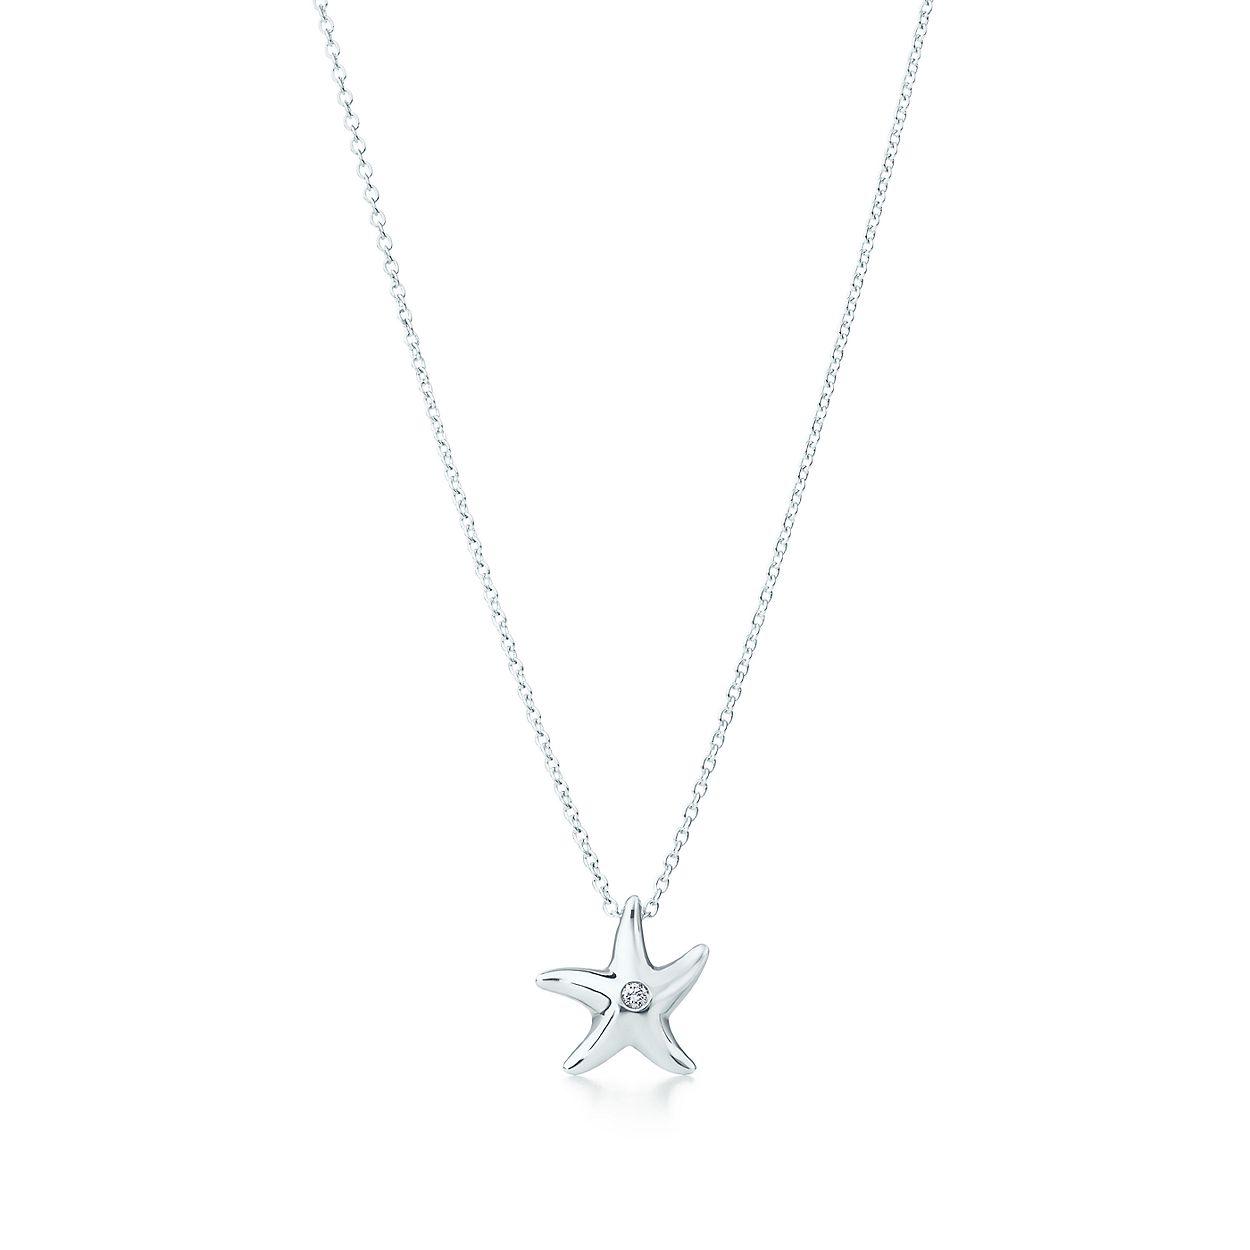 cb616812f Elsa Peretti® Starfish pendant in sterling silver with a diamond ...